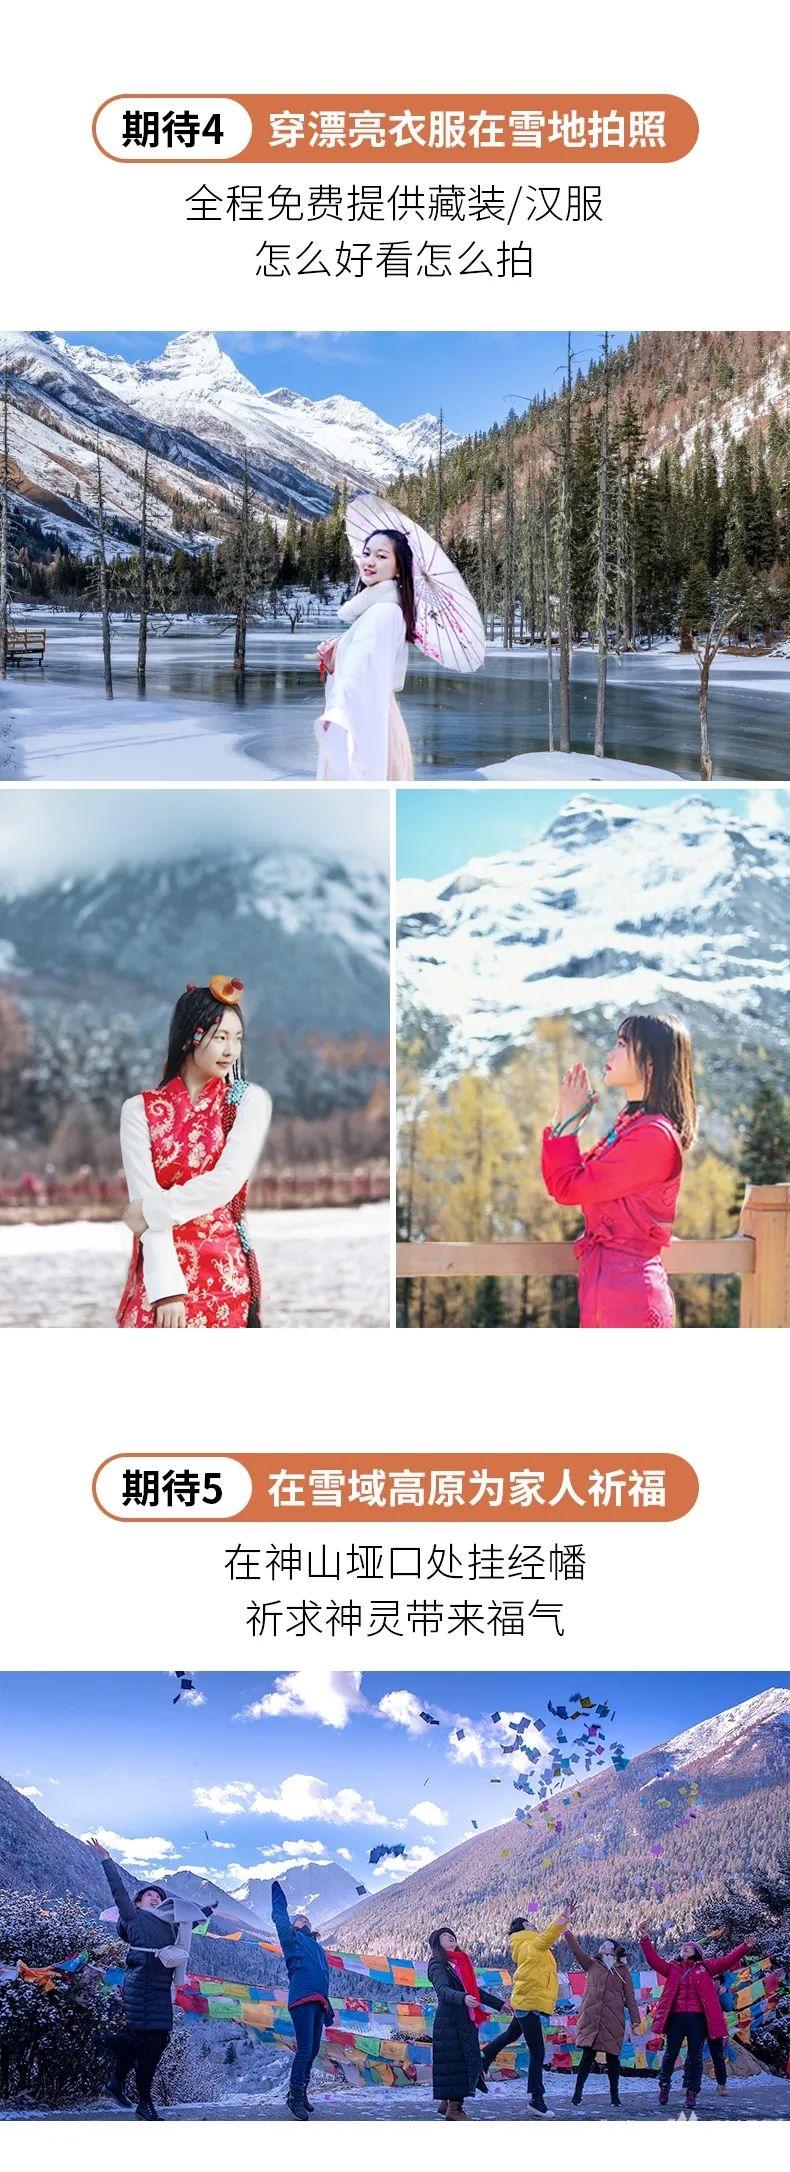 (10)【大美四海】赏冬雪 · 泡温泉 2-8人VIP小团-户外活动图-驼铃网